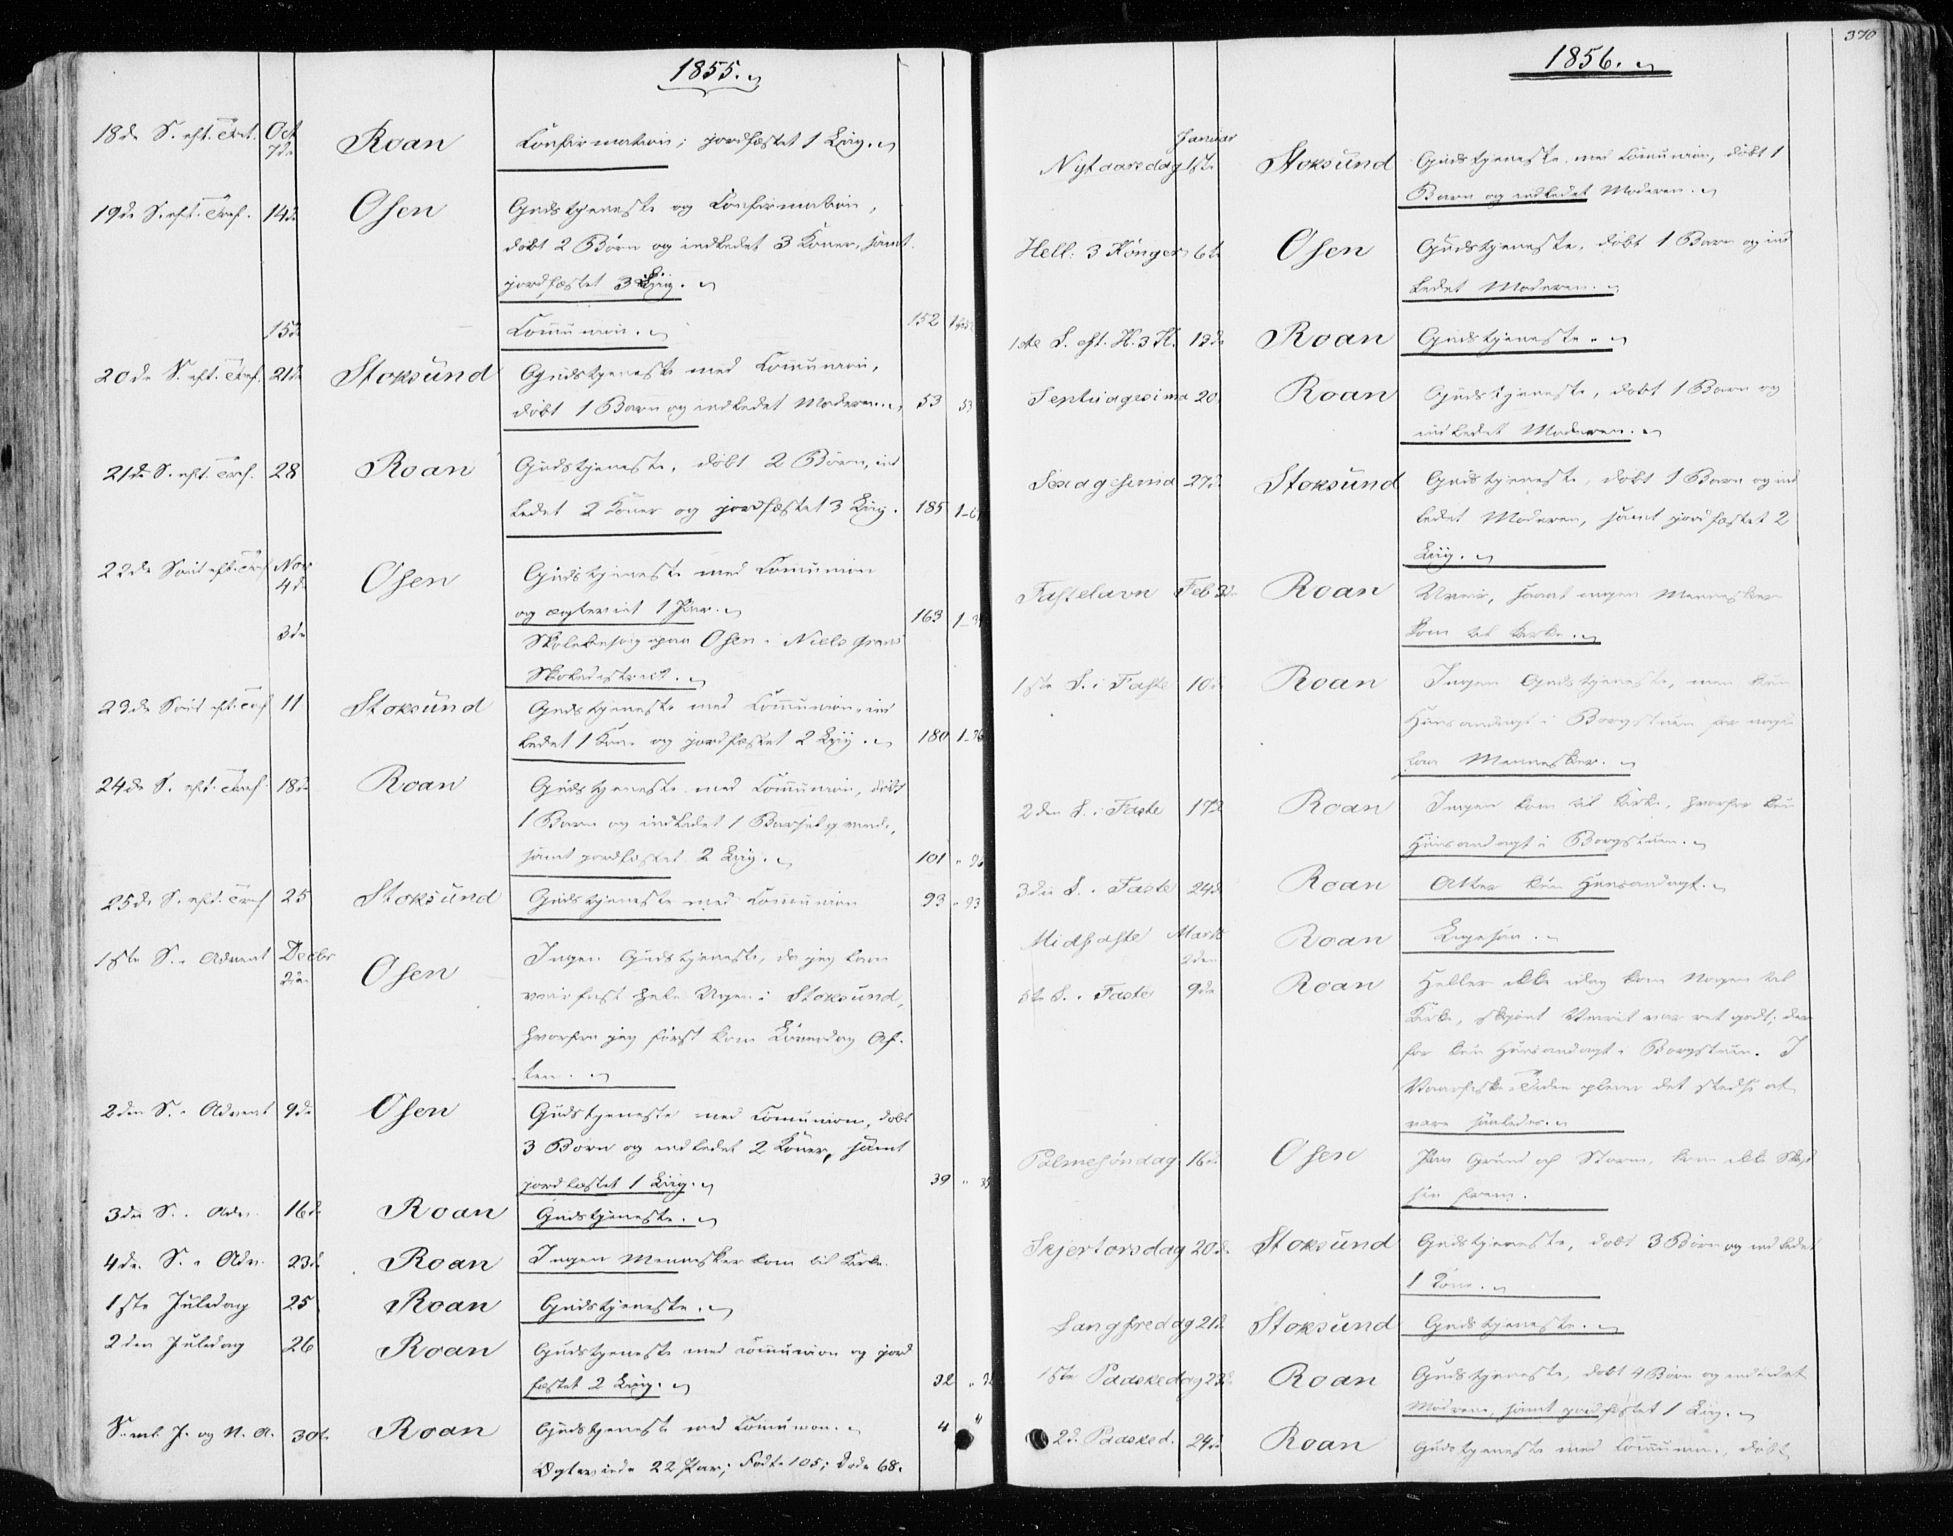 SAT, Ministerialprotokoller, klokkerbøker og fødselsregistre - Sør-Trøndelag, 657/L0704: Ministerialbok nr. 657A05, 1846-1857, s. 370